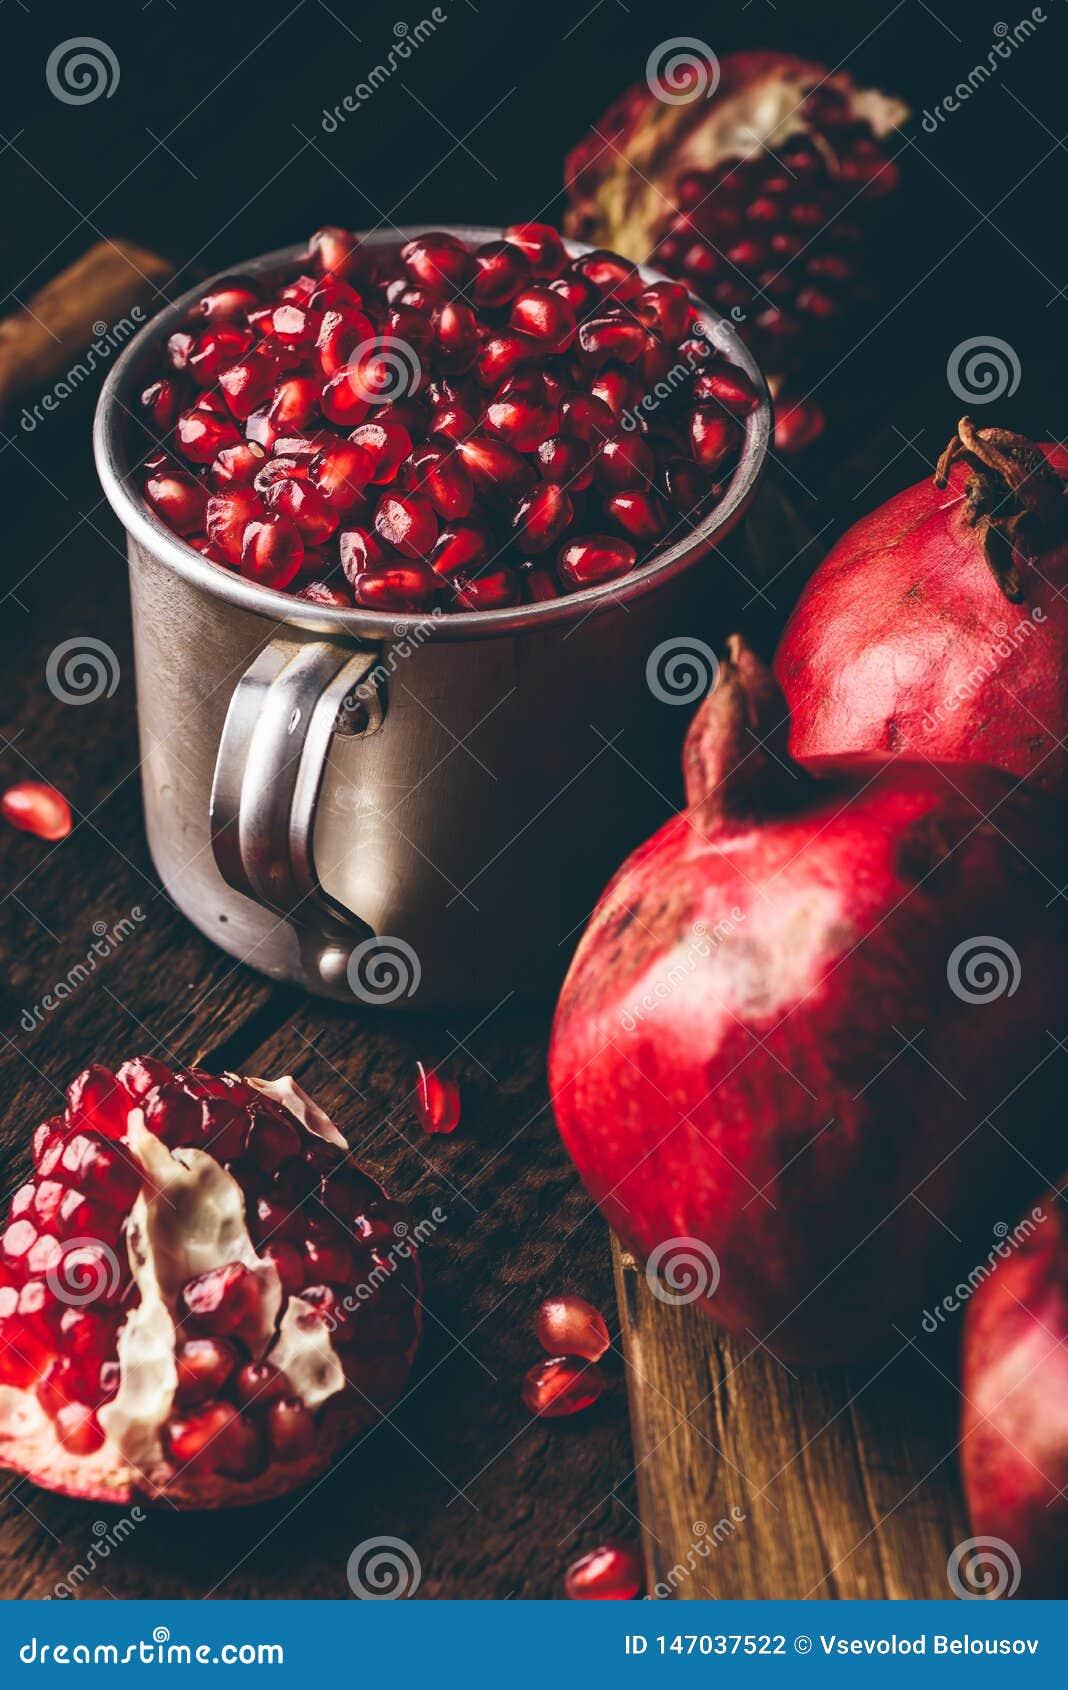 Metal mug full of pomegranate seeds